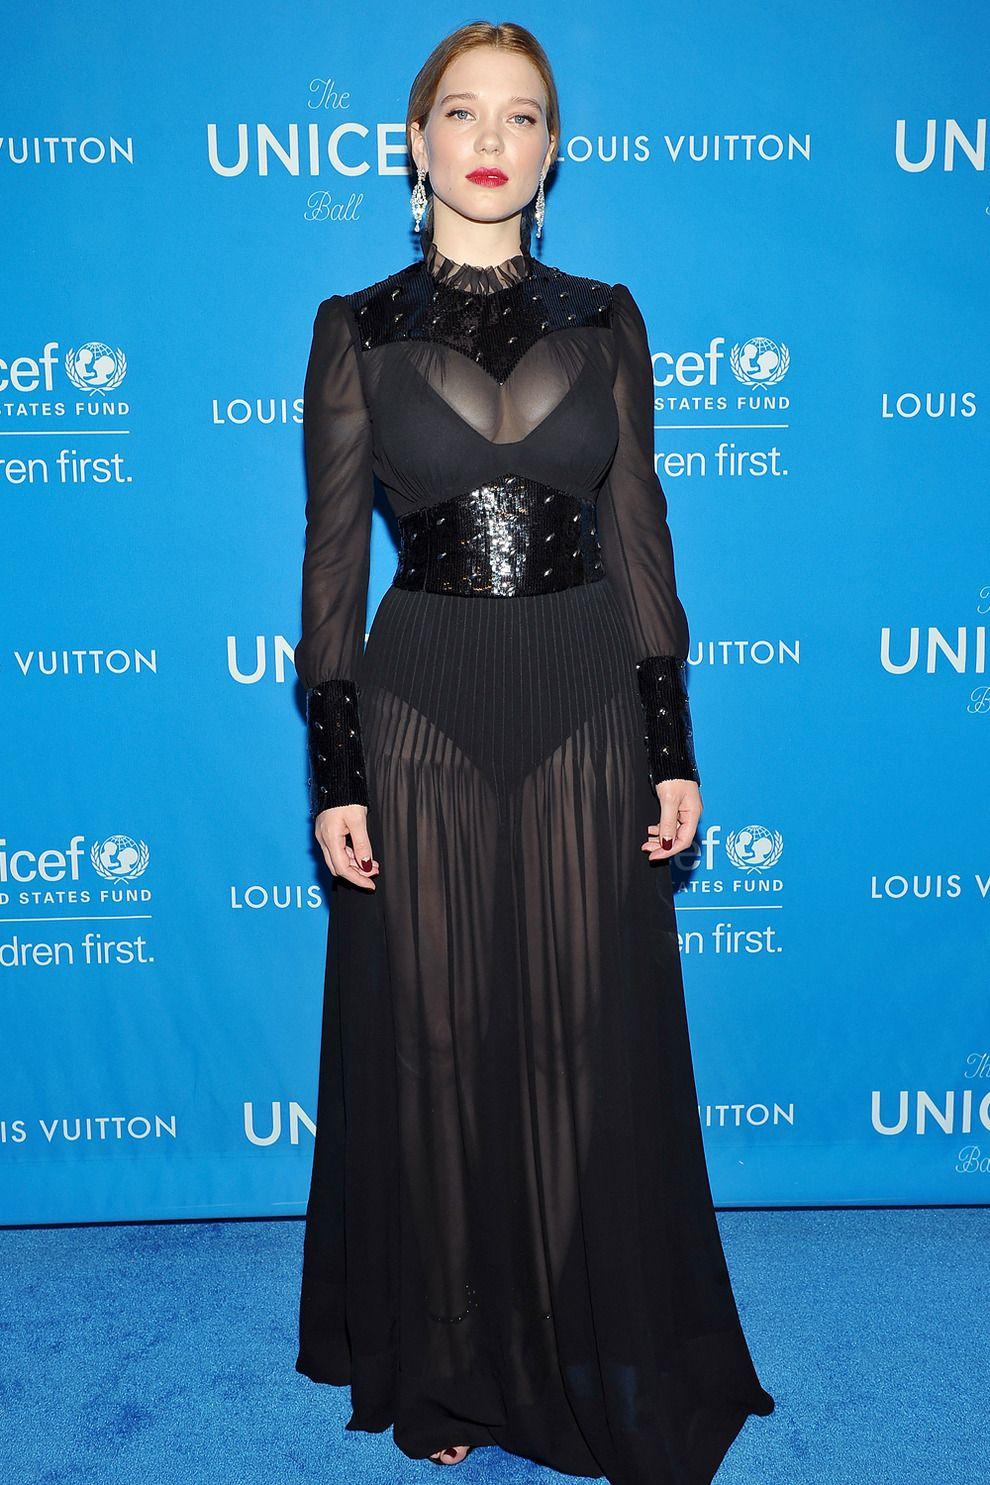 Бал UNICEF в Лос-Анджелесе   Мода   Выход в свет   VOGUE